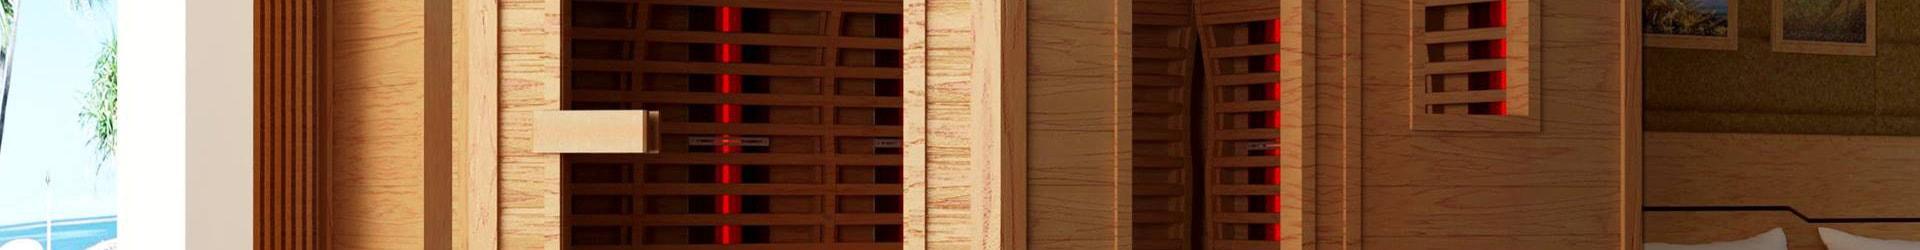 Full Spectrum sauna's